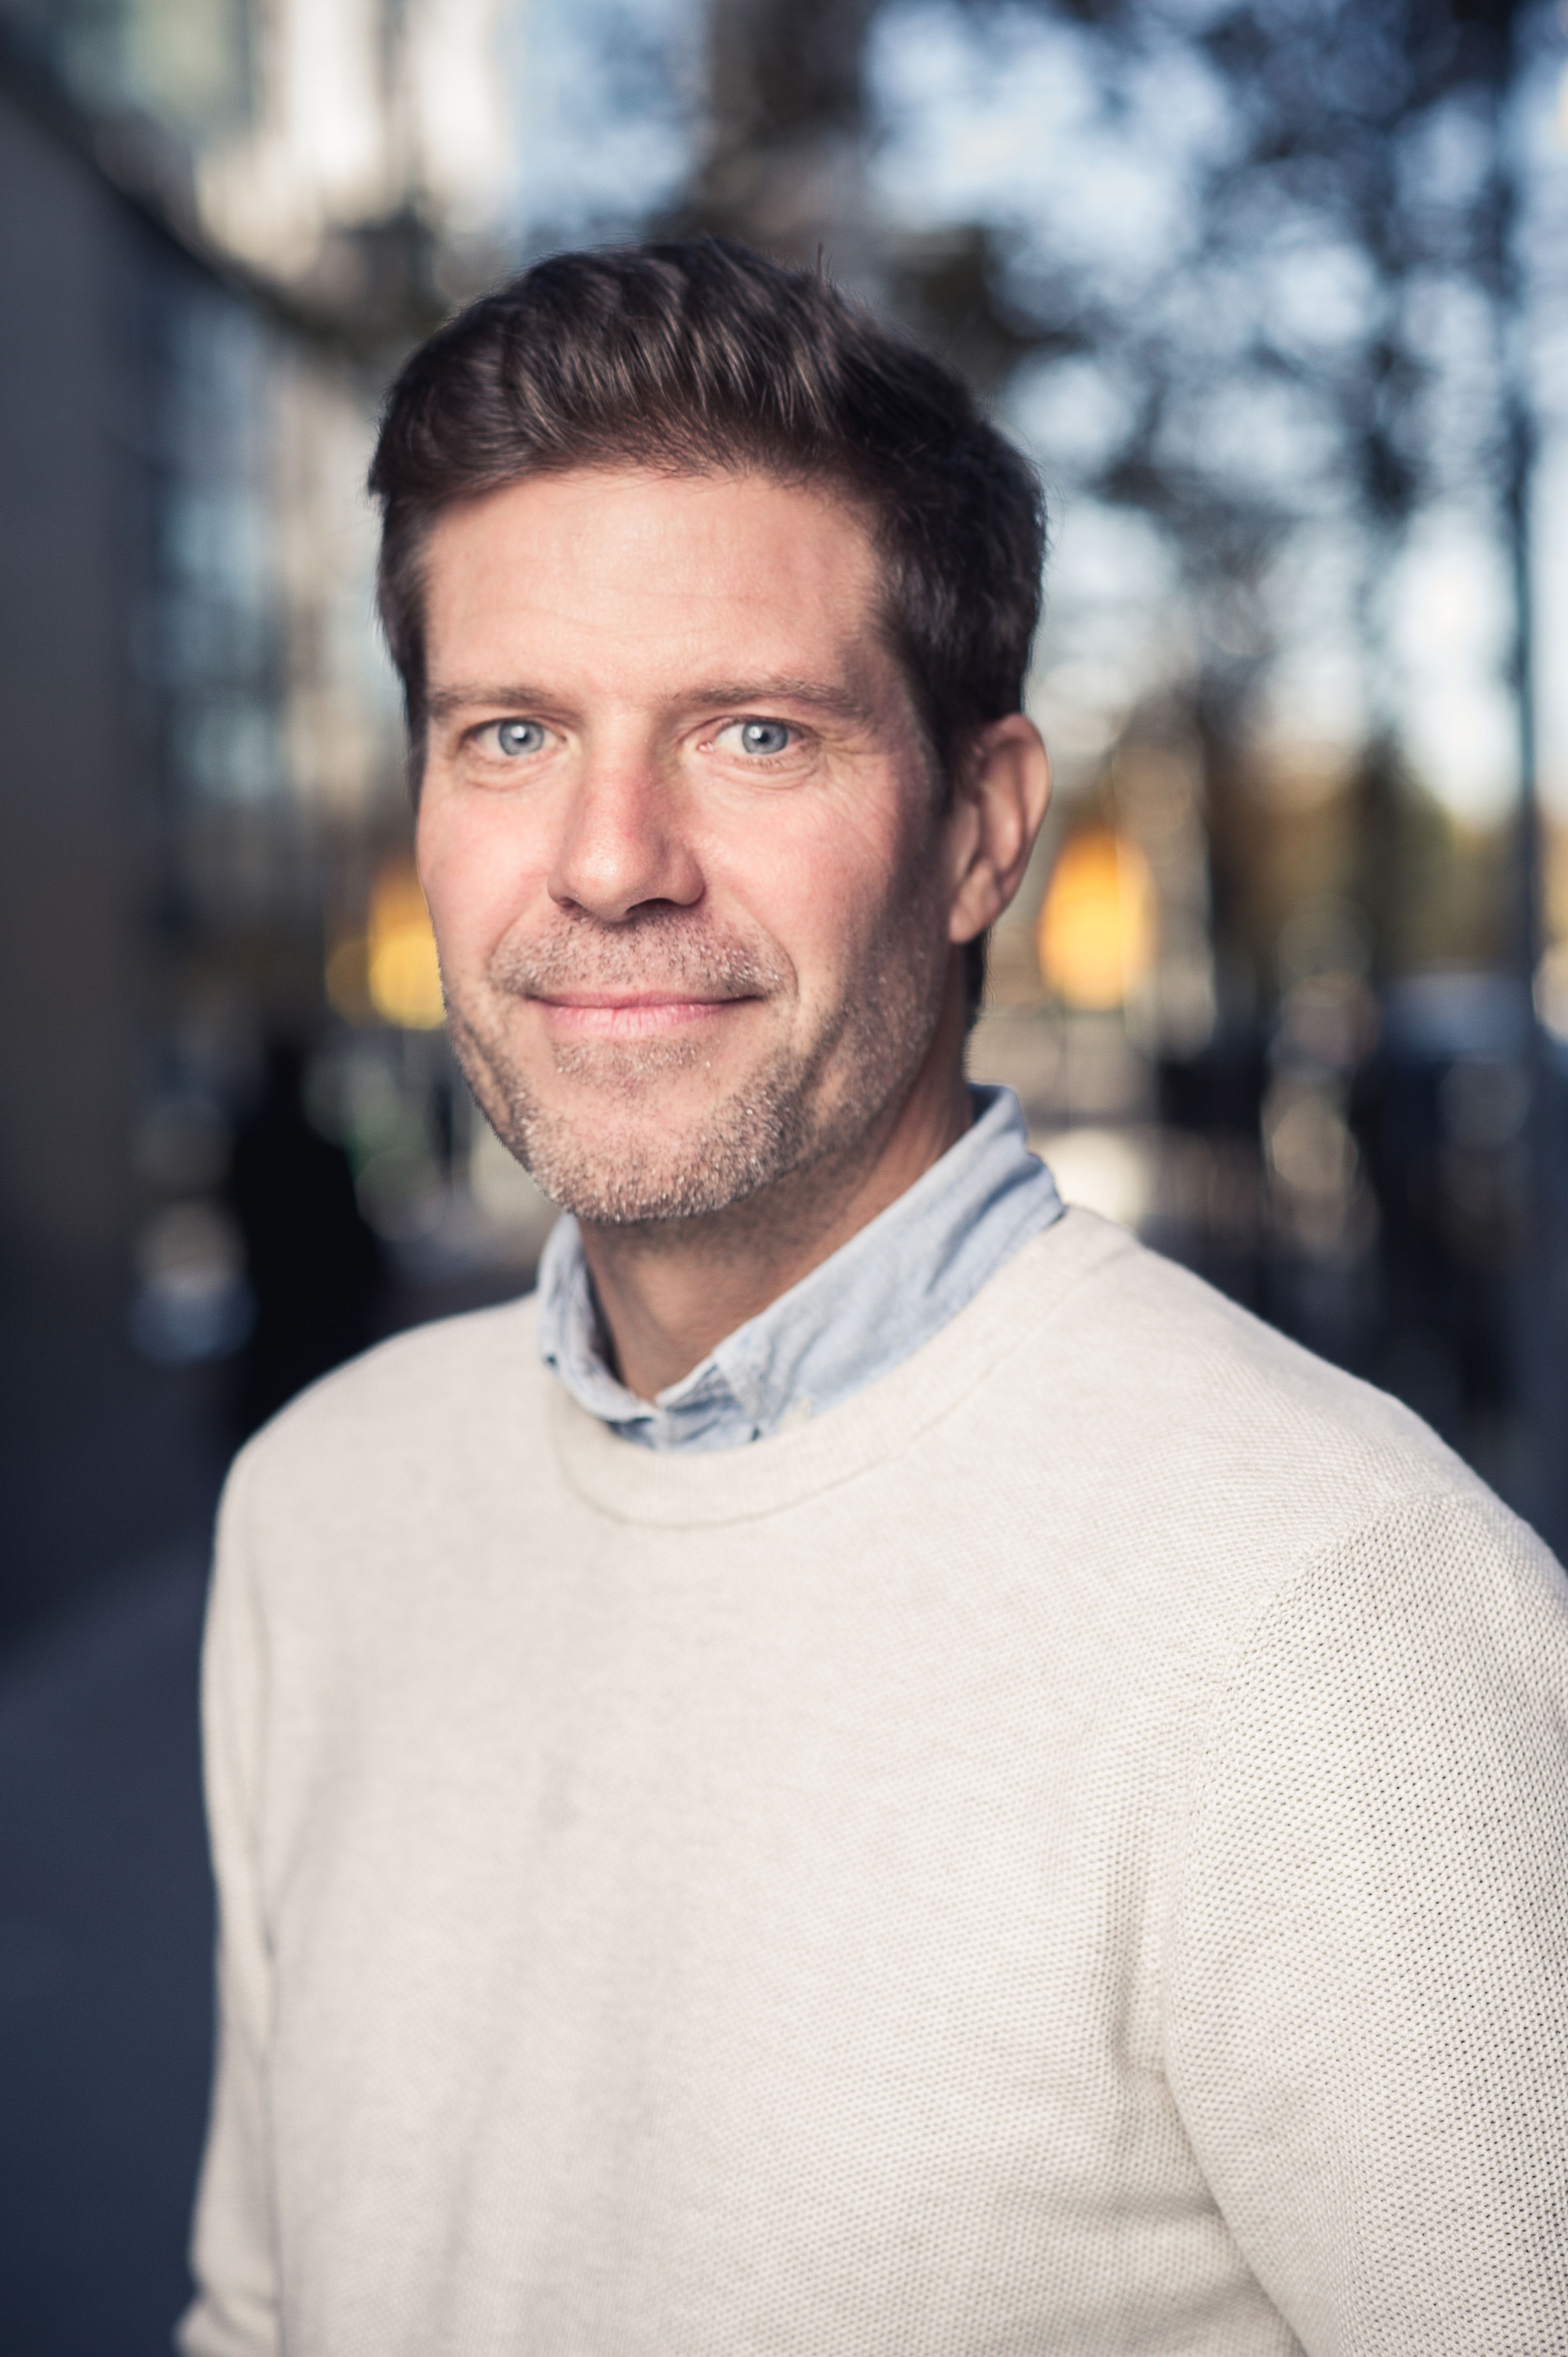 Paul Morel, Vattenfall